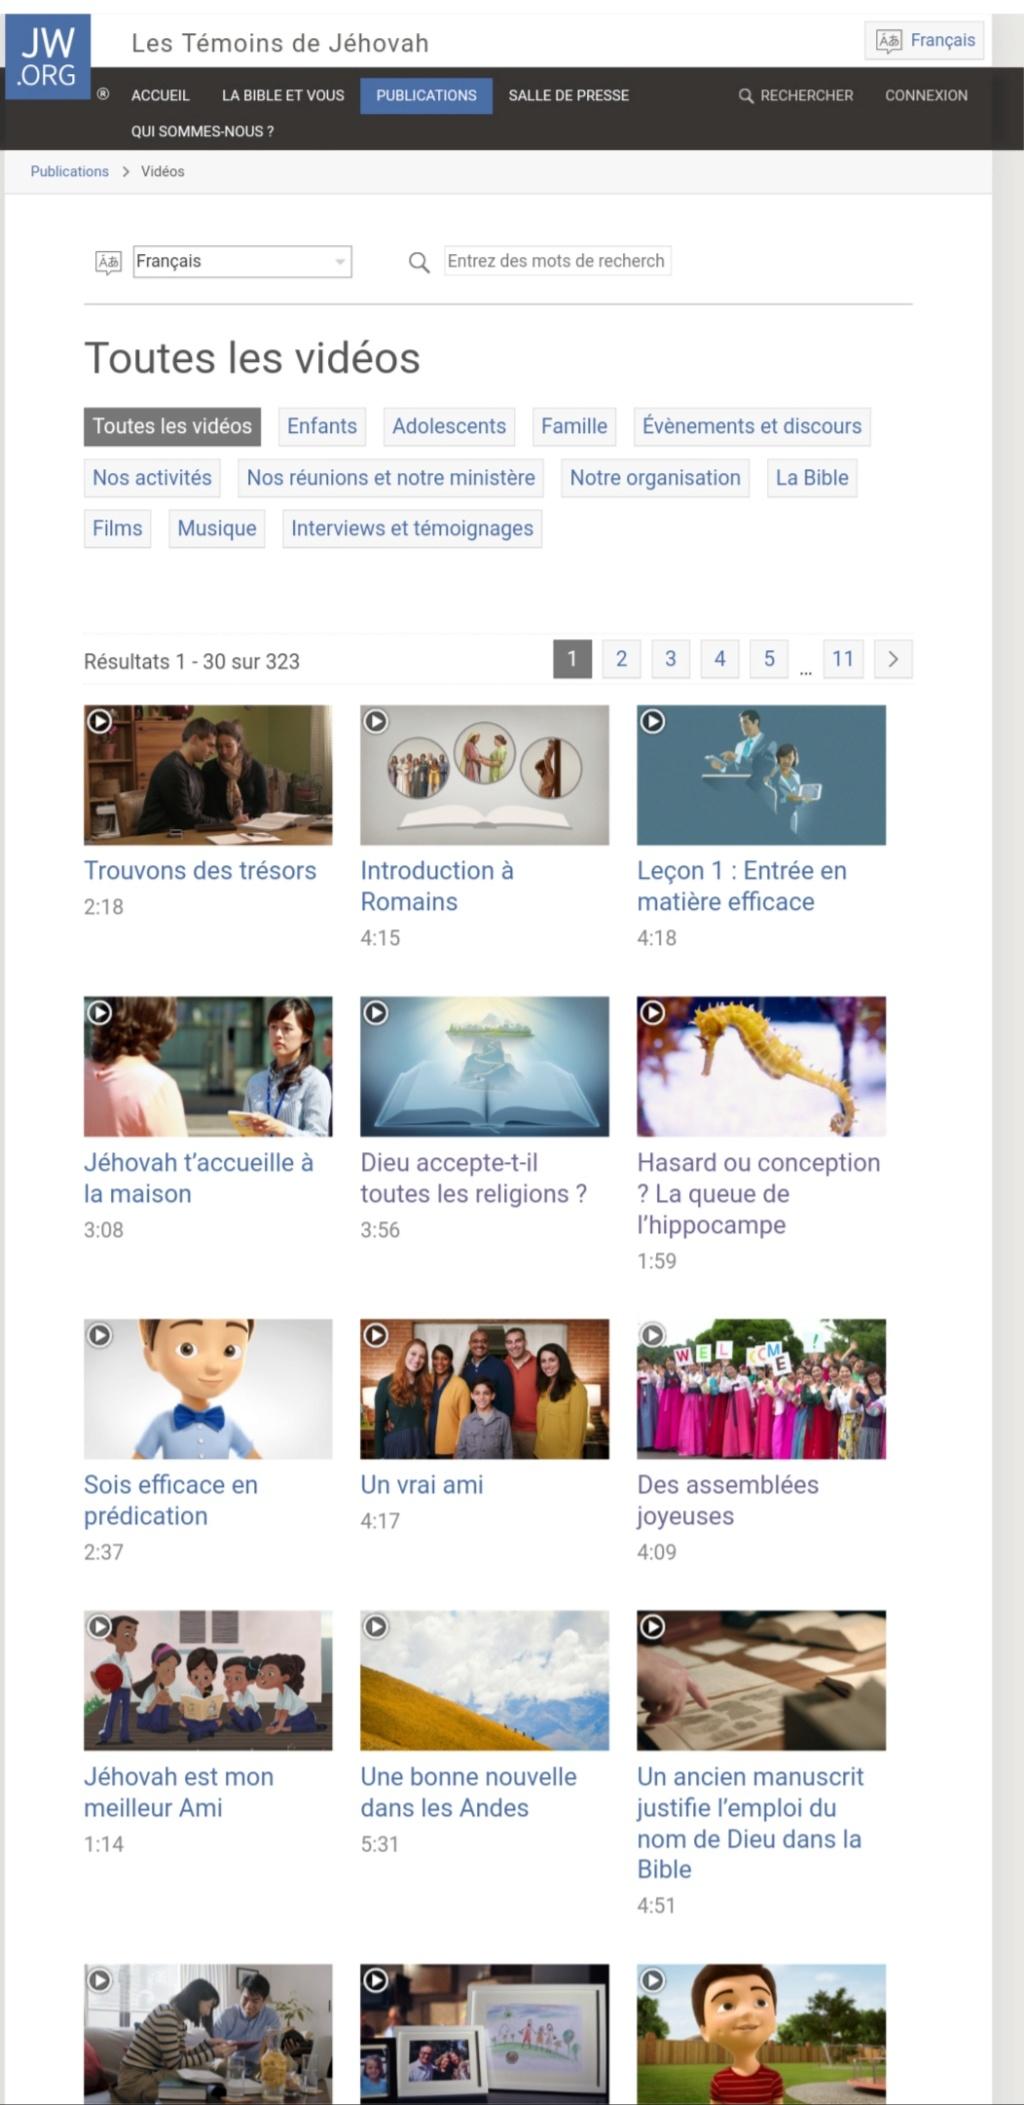 Que pensez vous des videos sur le site jw.com ? 20190114